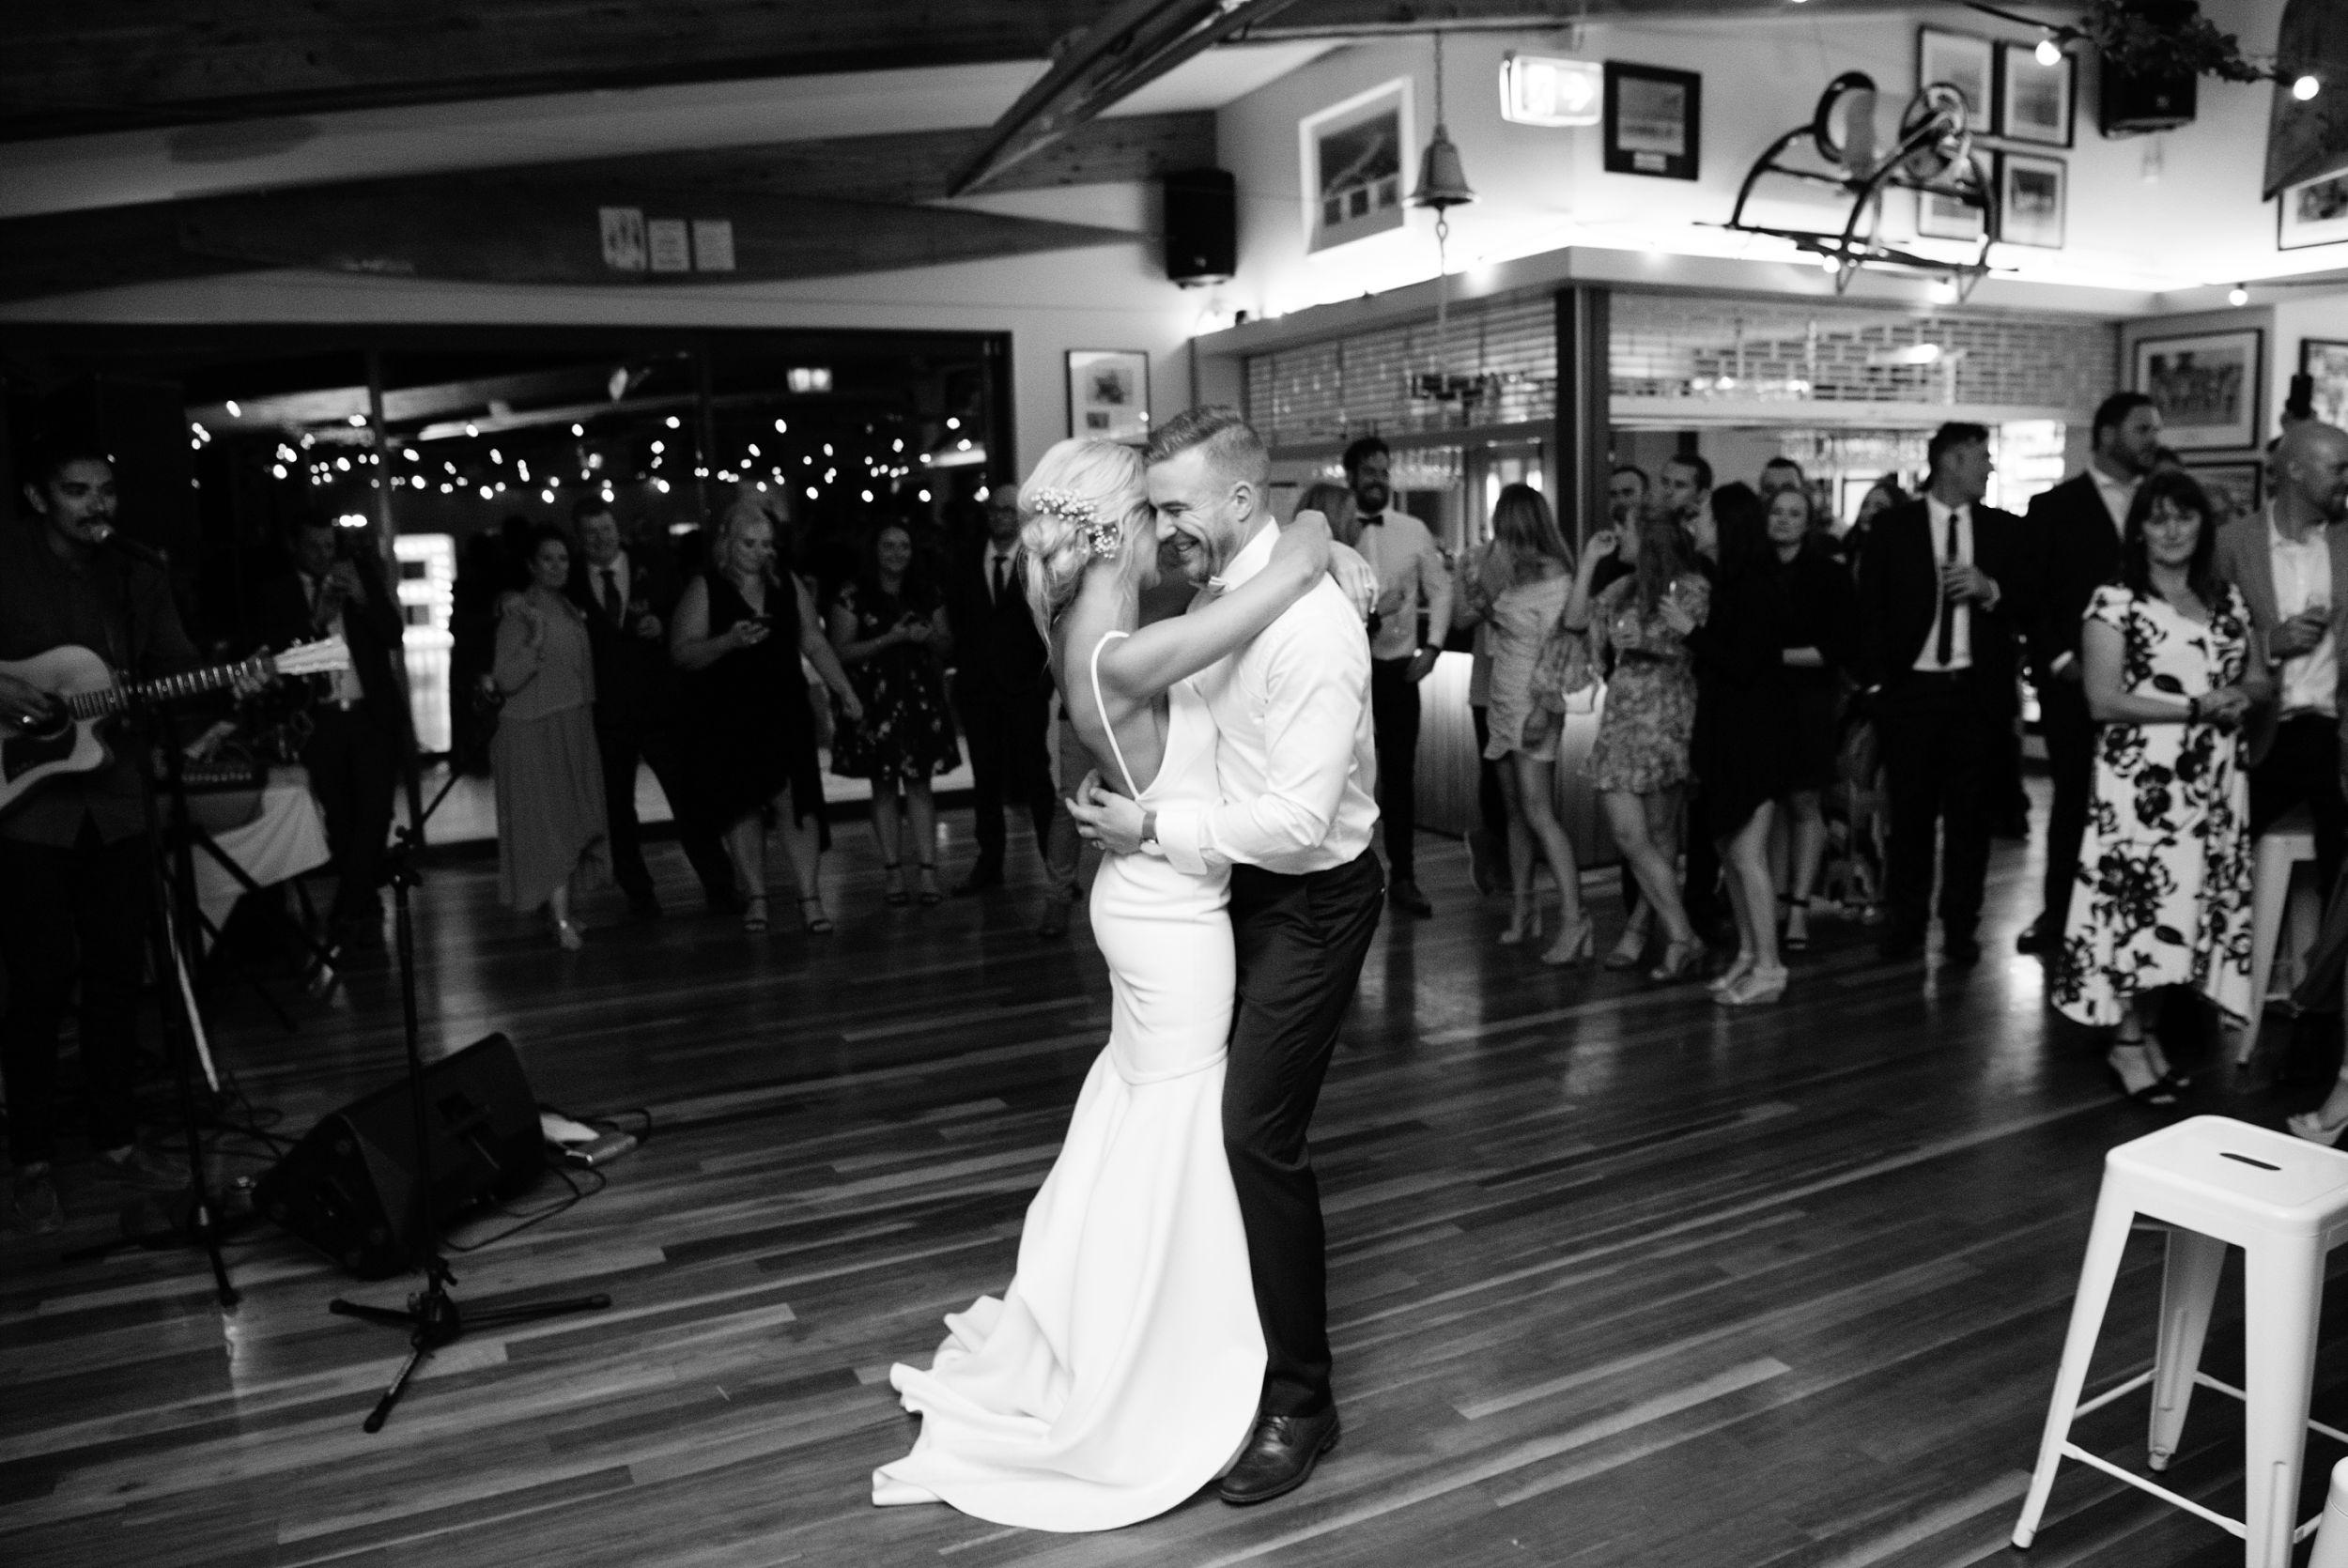 Fairhaven_wedding-Great-ocean-rd_0068.jpg